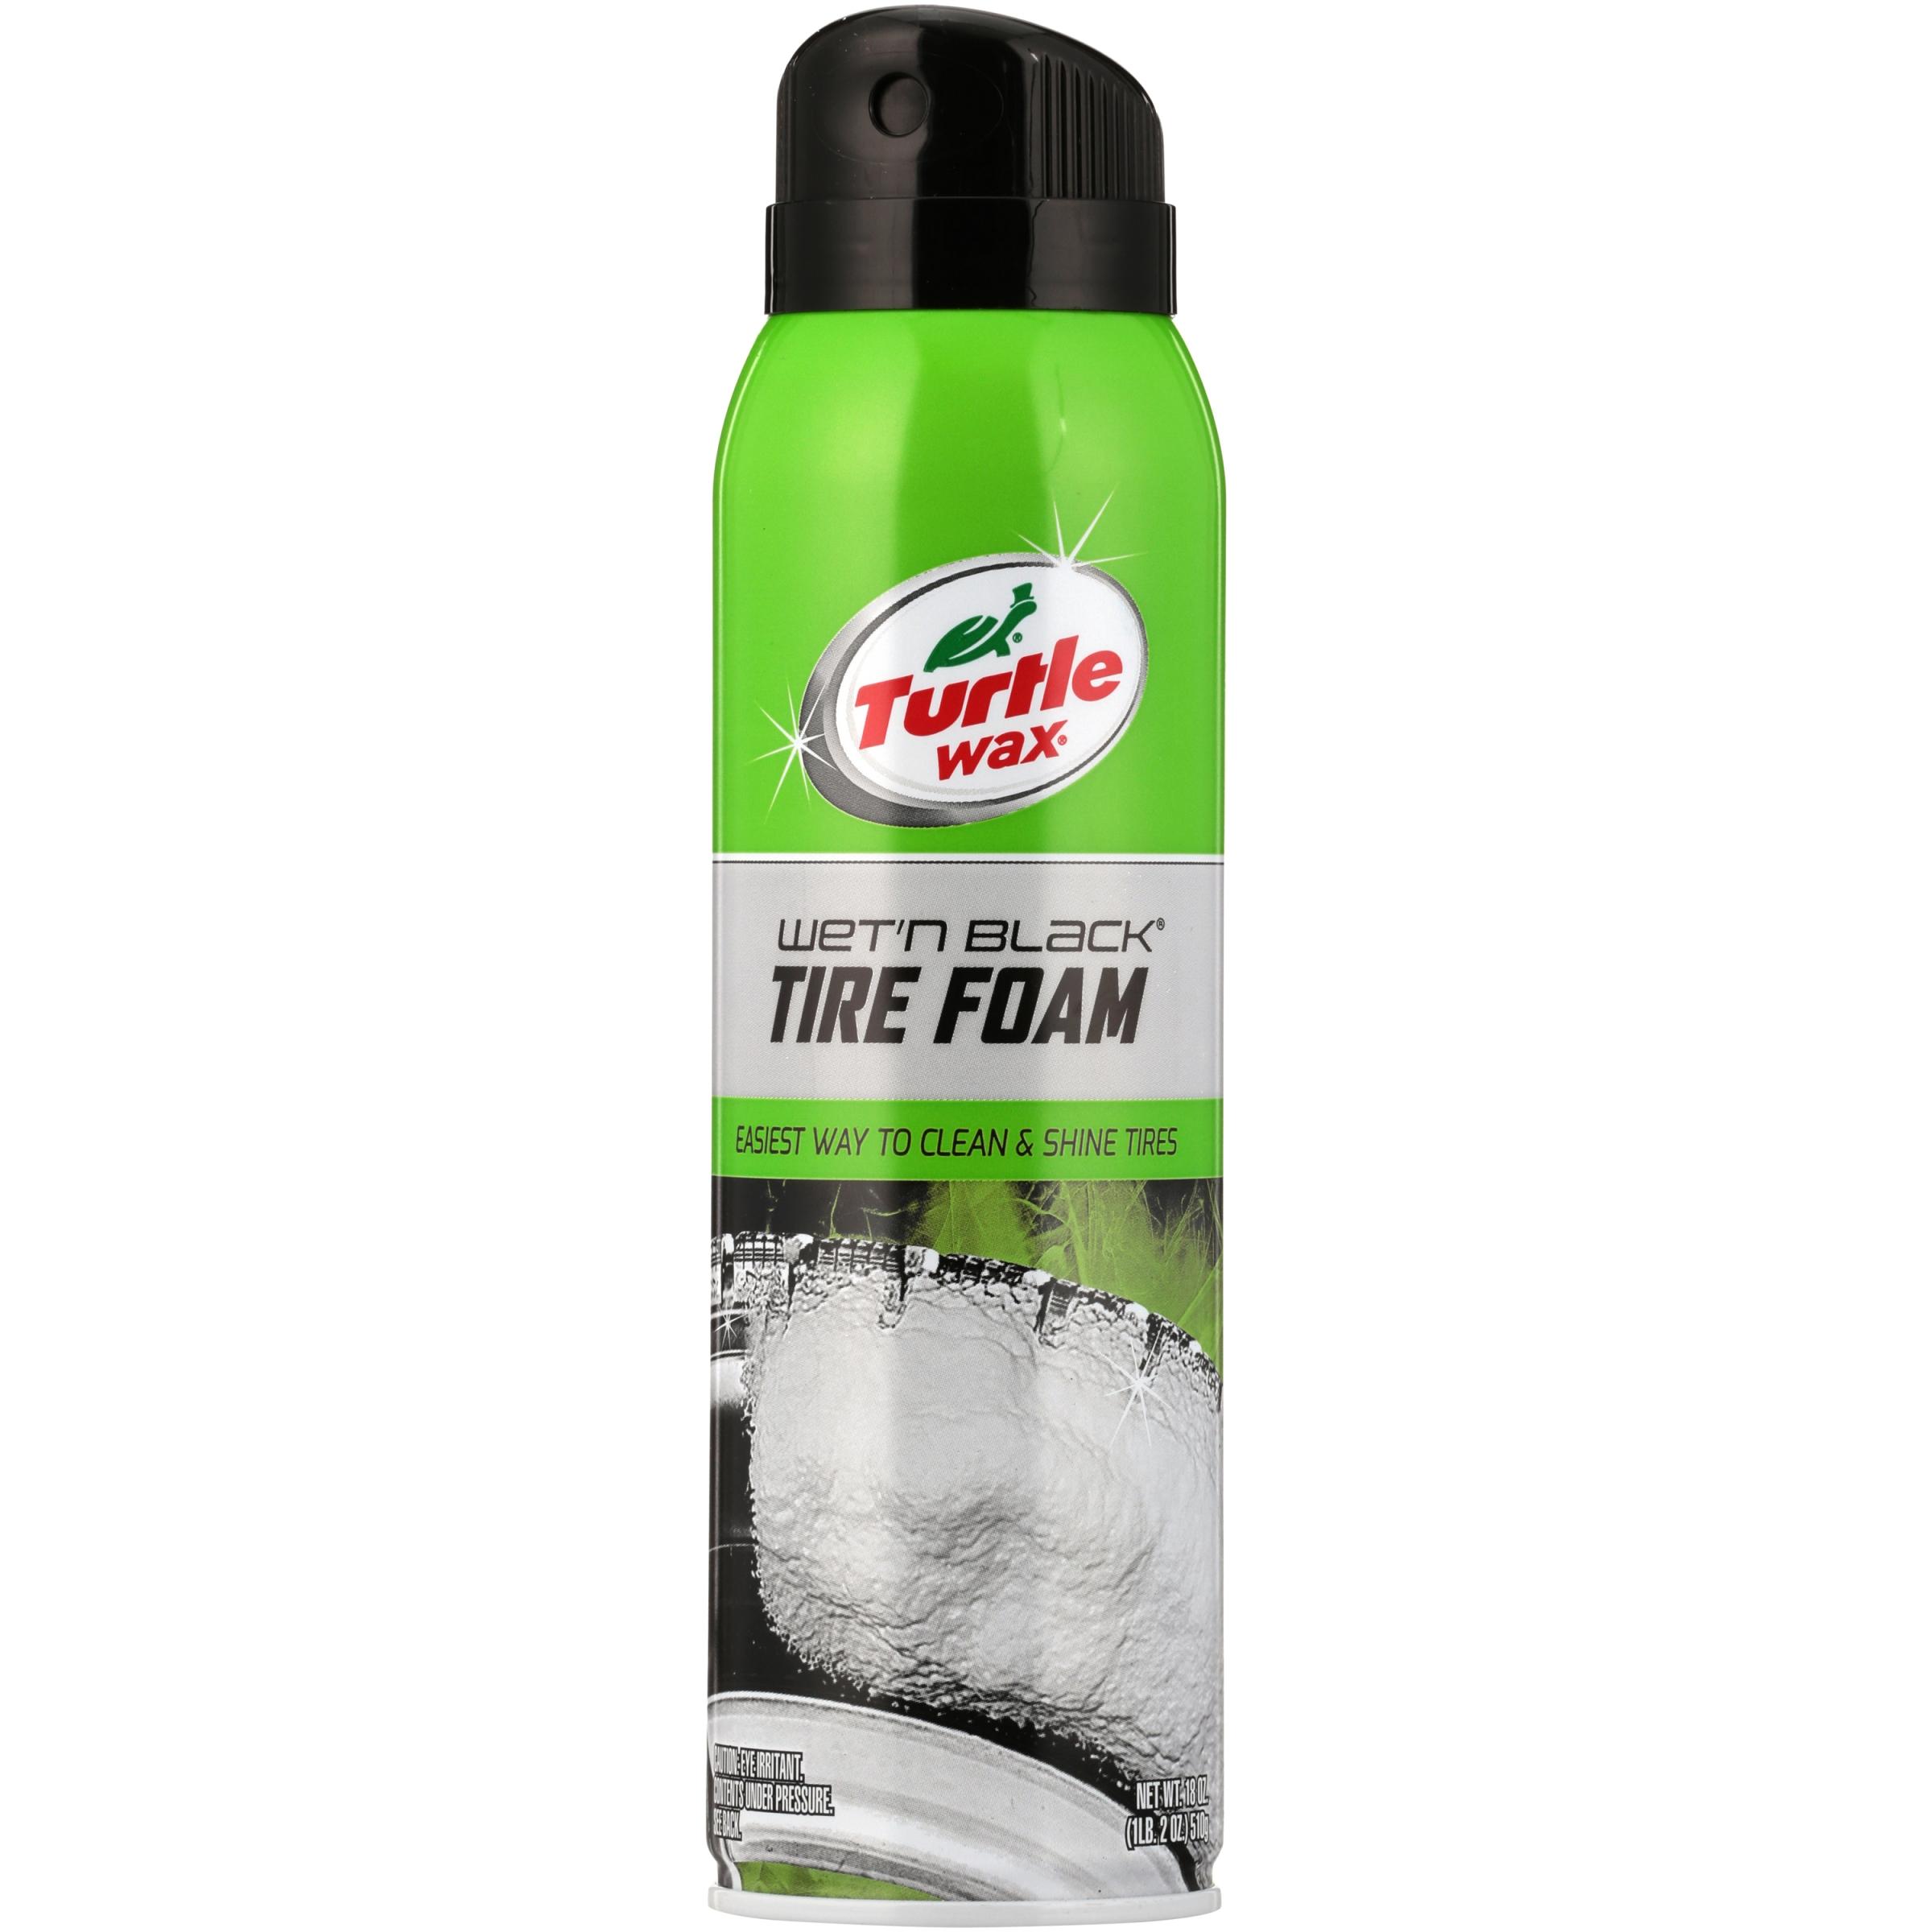 Turtle Wax T49R1 Wet'n Black Tire Foam 18-oz. Spray Bottle